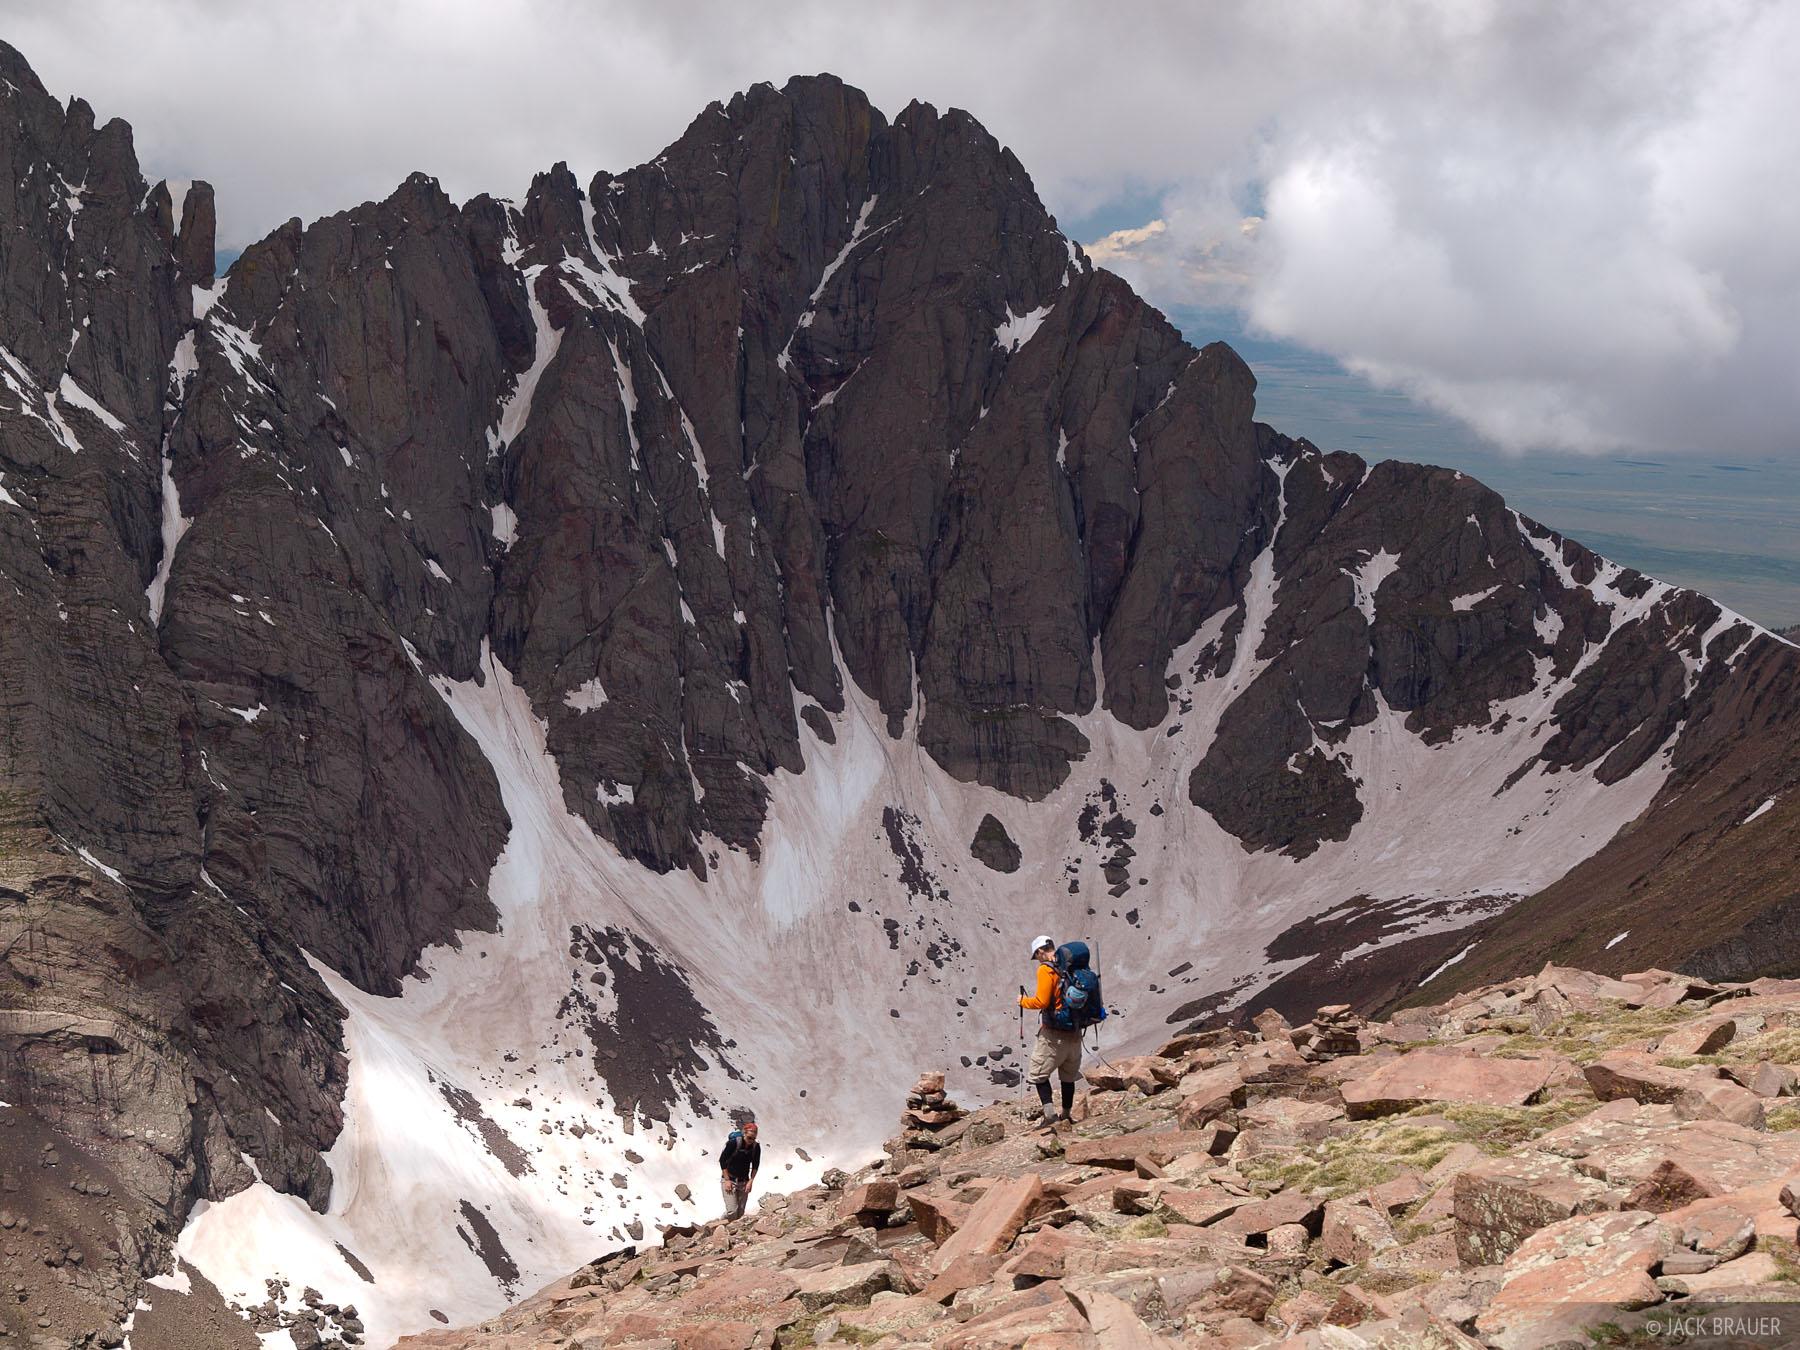 Hikers on the slopes of Humboldt Peak, with Crestone Peak towering behind - June.